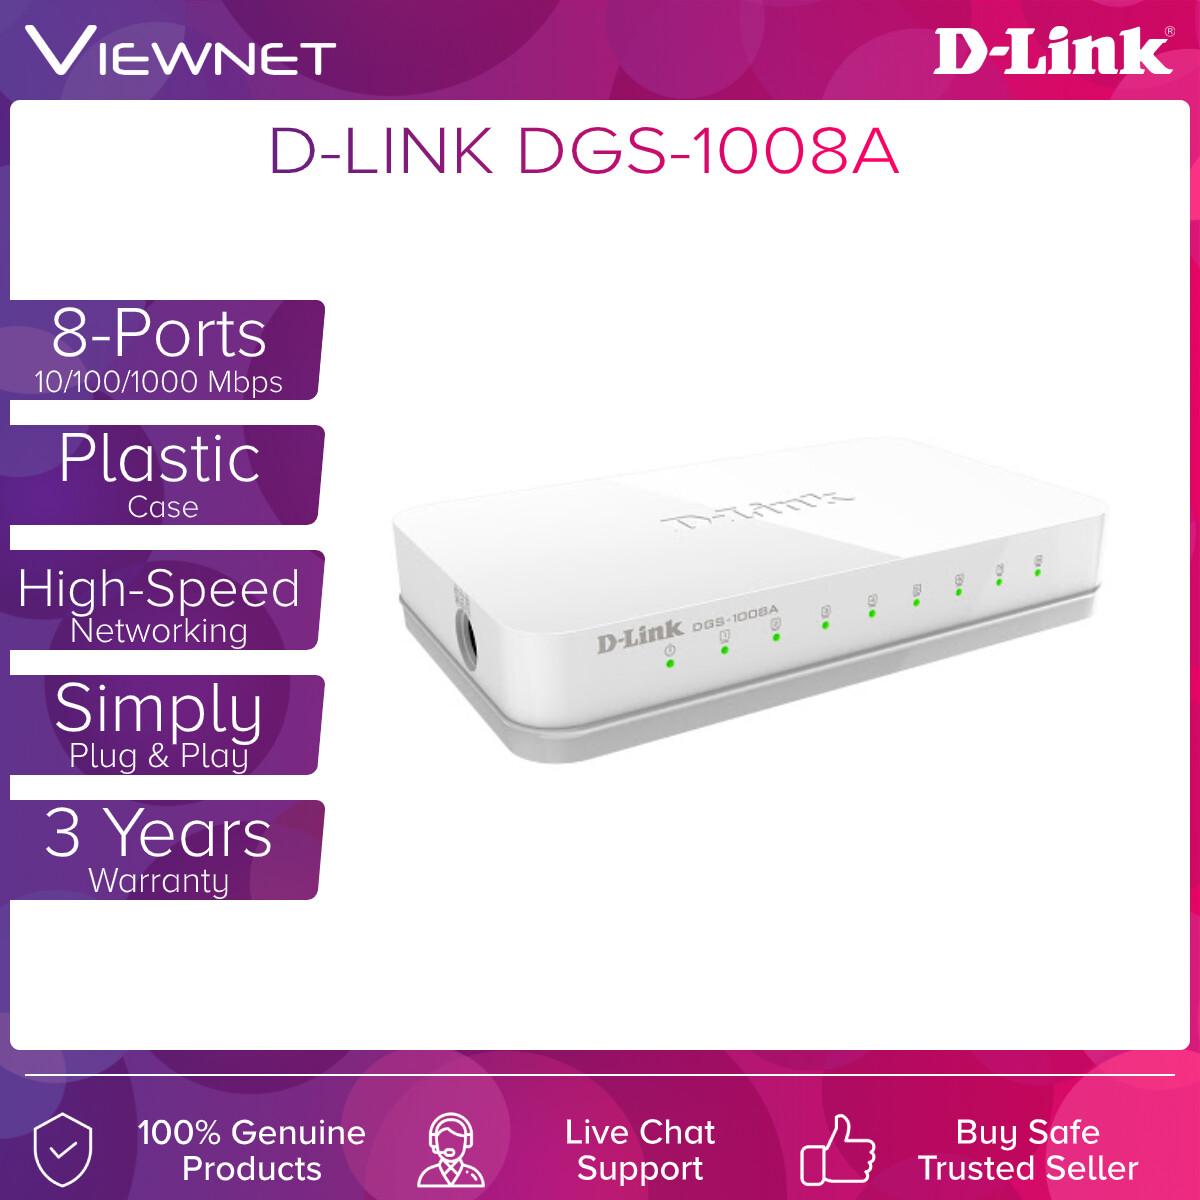 D-Link DGS-1008A 8-Port Unmanaged Gigabit Desktop Switch In Plastic Casing